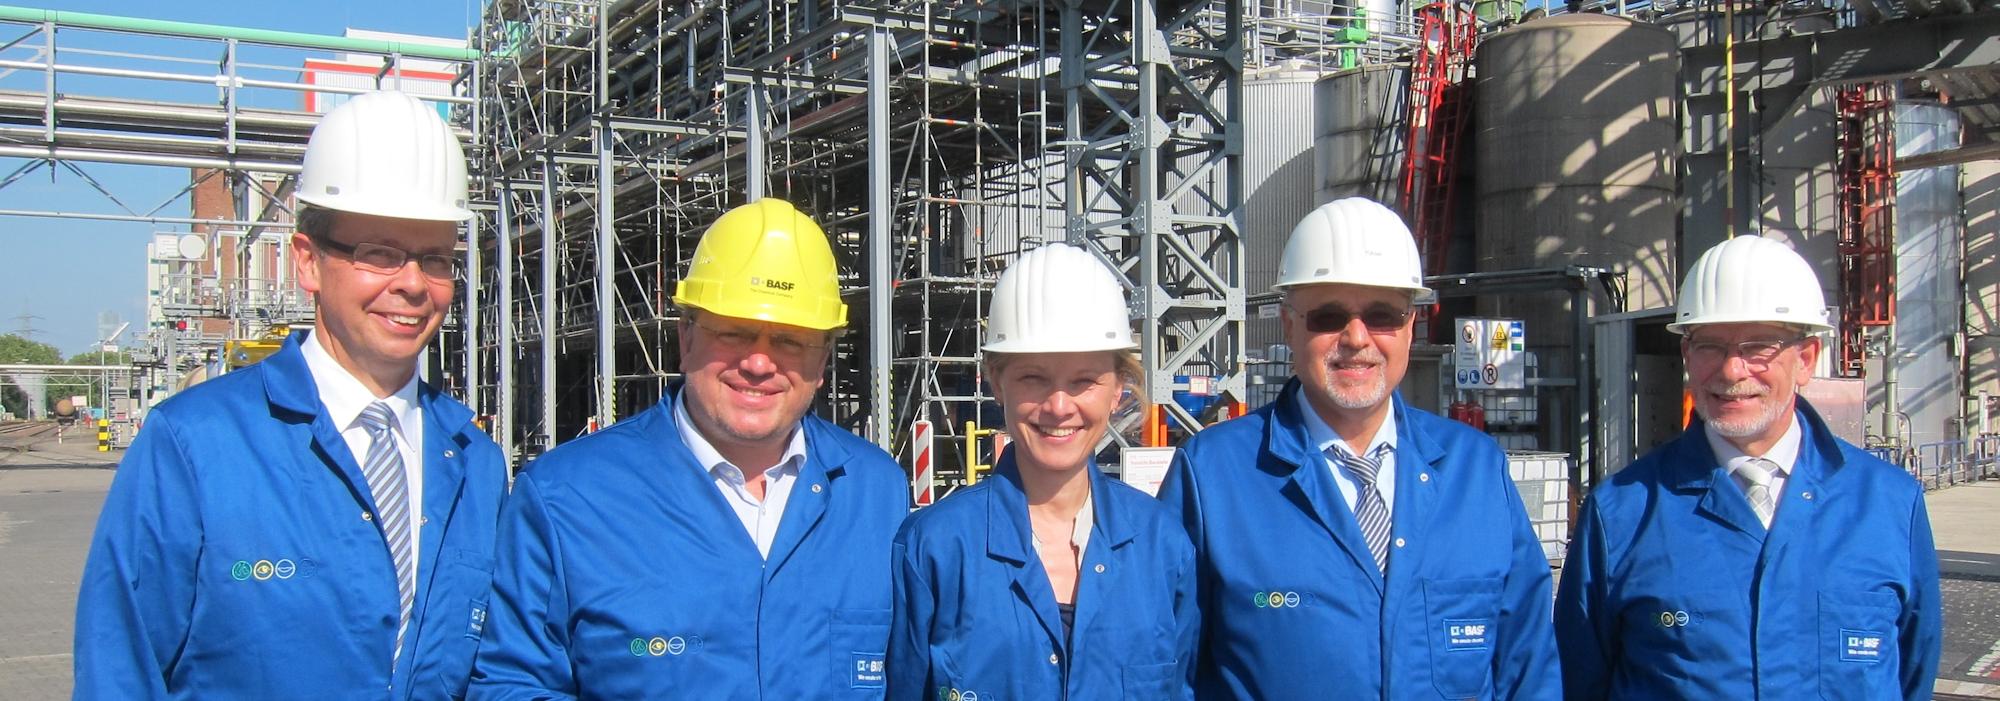 Besuch beim BASF-Werk in Düsseldorf-Reisholz